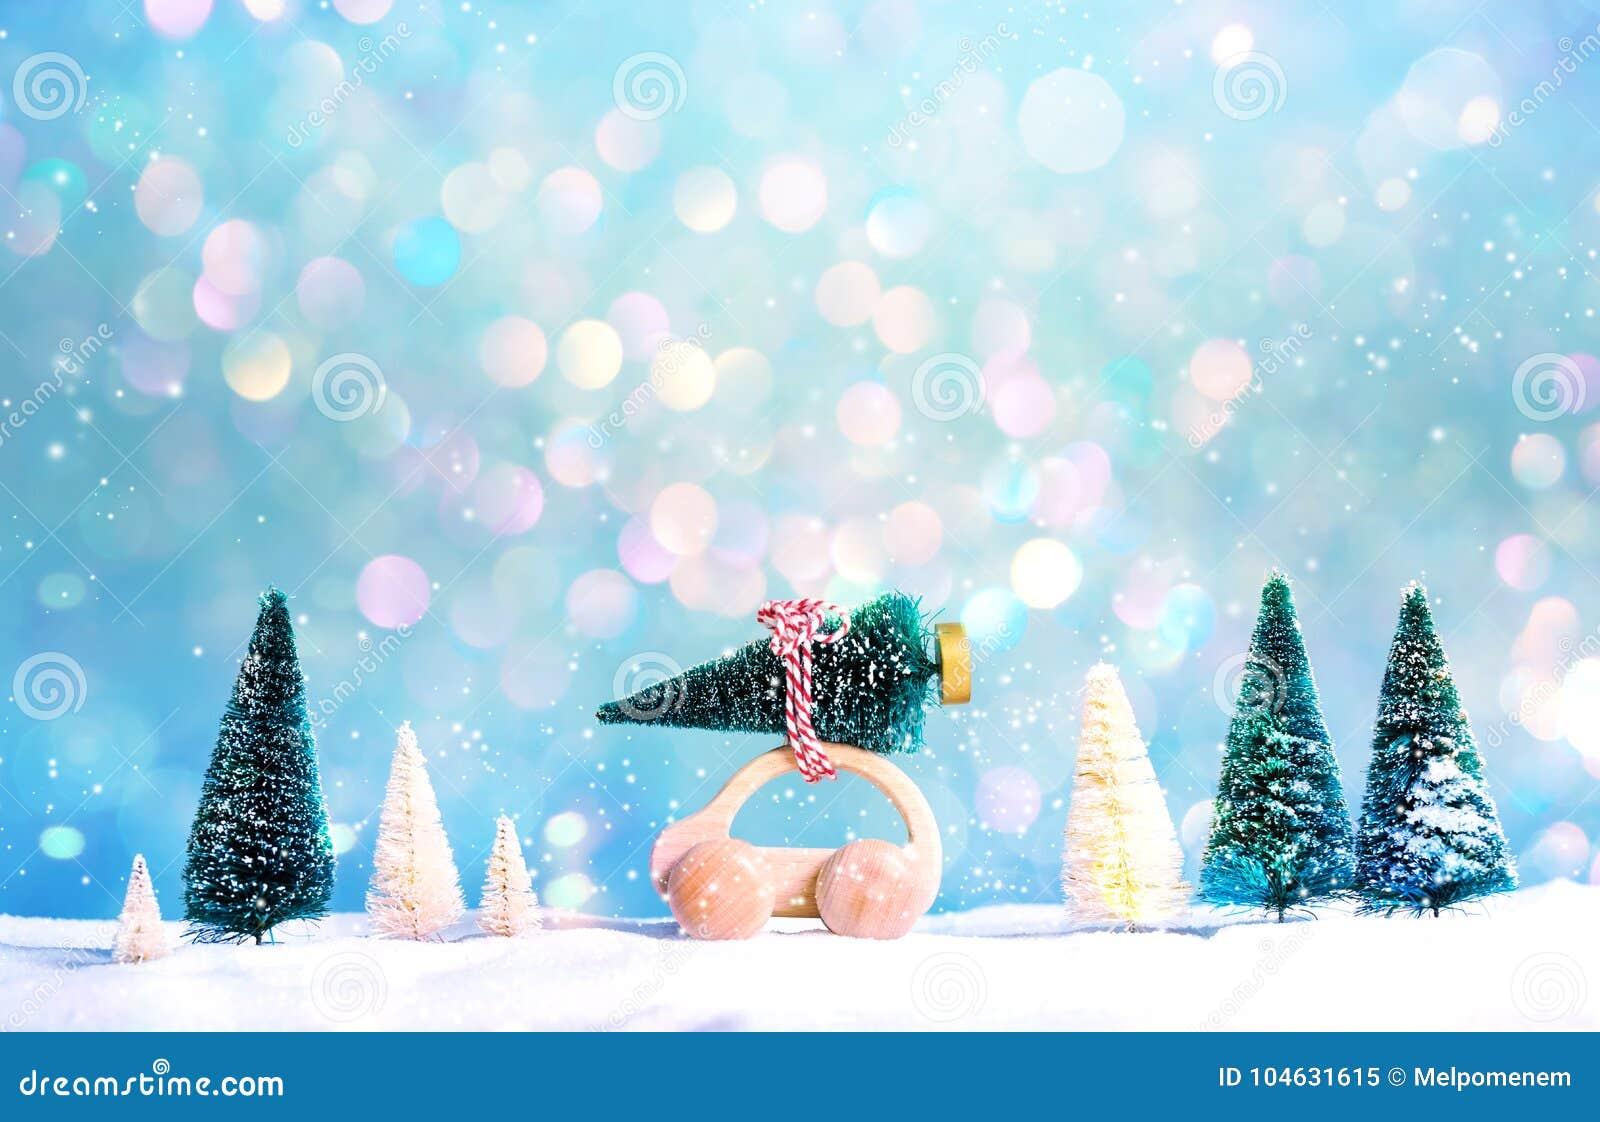 Download Miniatuur Houten Auto Die Een Kerstboom Dragen Stock Afbeelding - Afbeelding bestaande uit gelukkig, niemand: 104631615